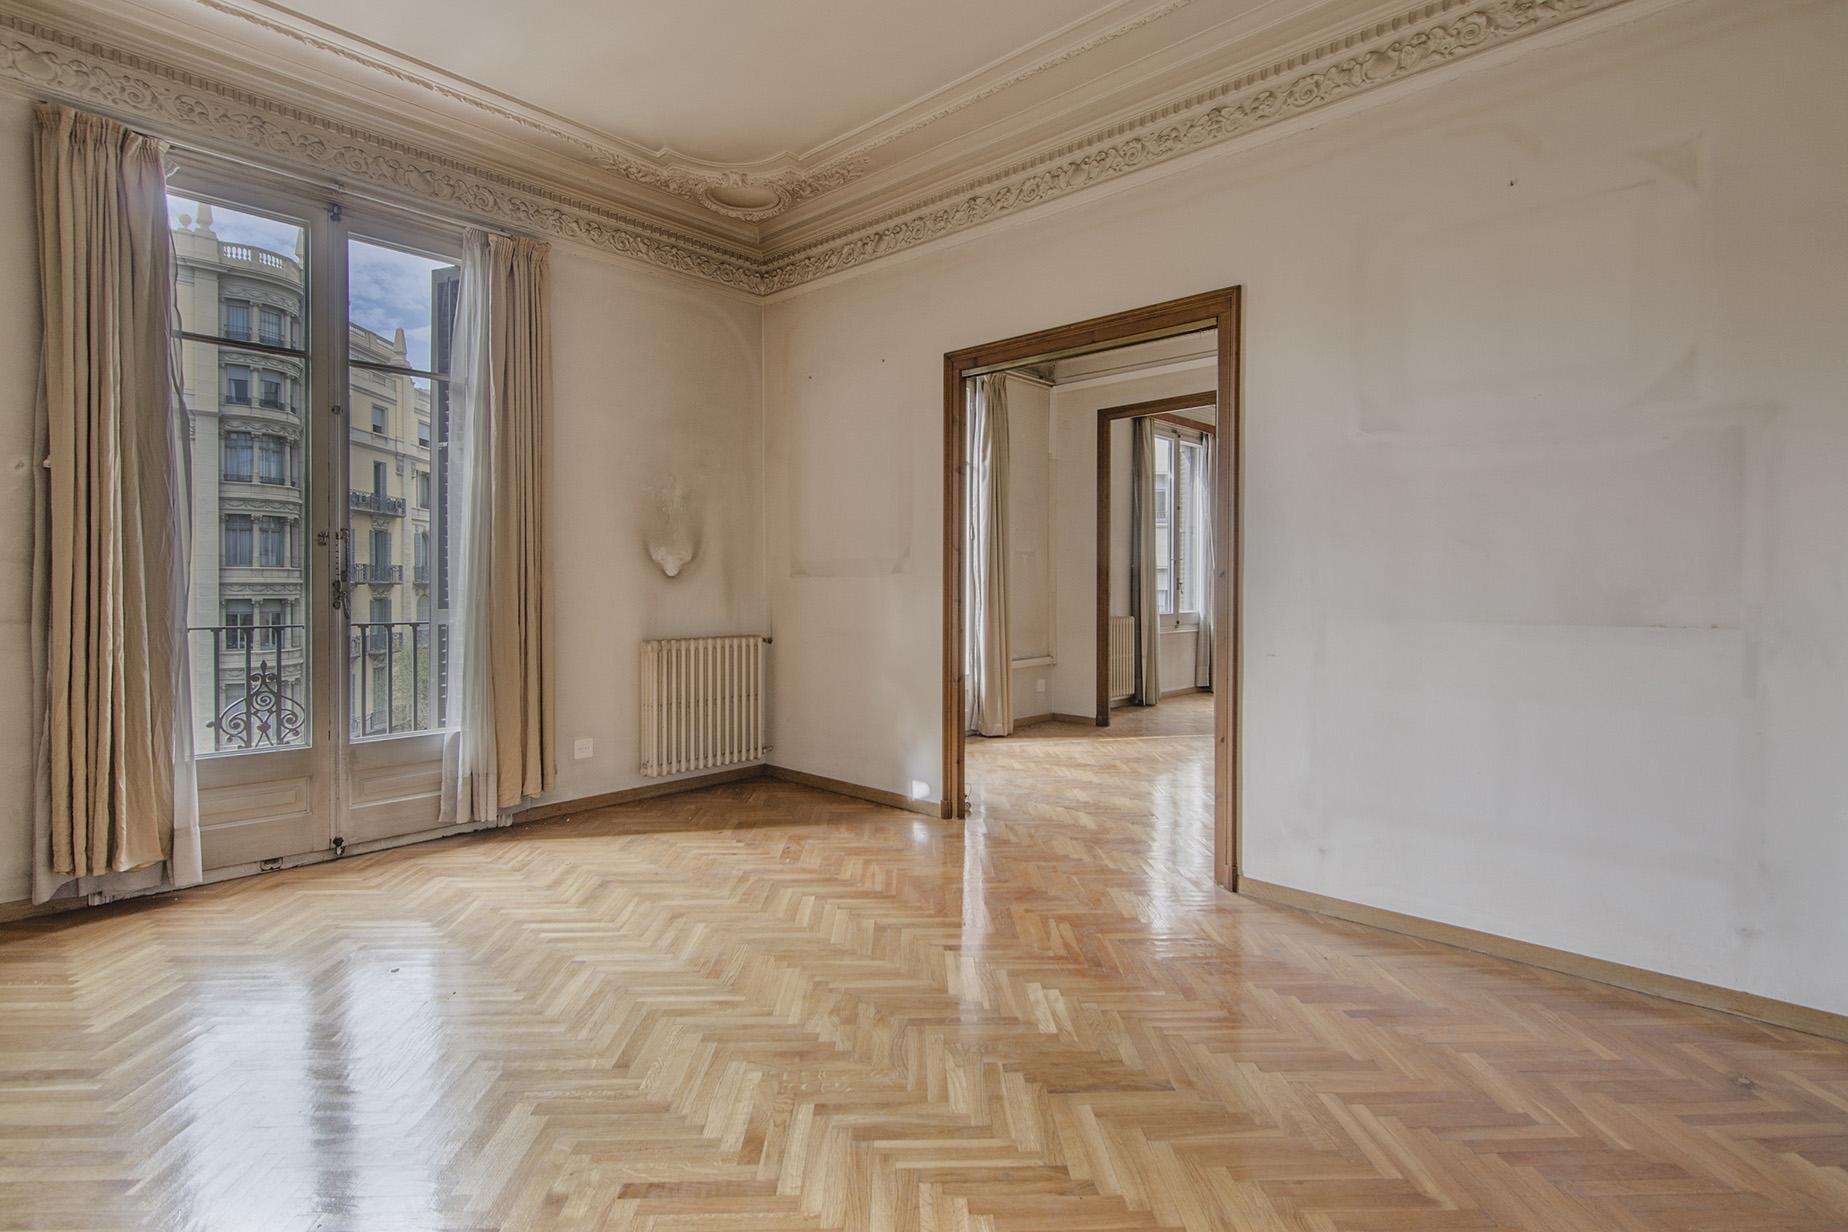 Квартира для того Продажа на Beautiful Apartment to Reform in a Royal Estate in Eixample Eixample, Barcelona City, Barcelona, 08007 Испания